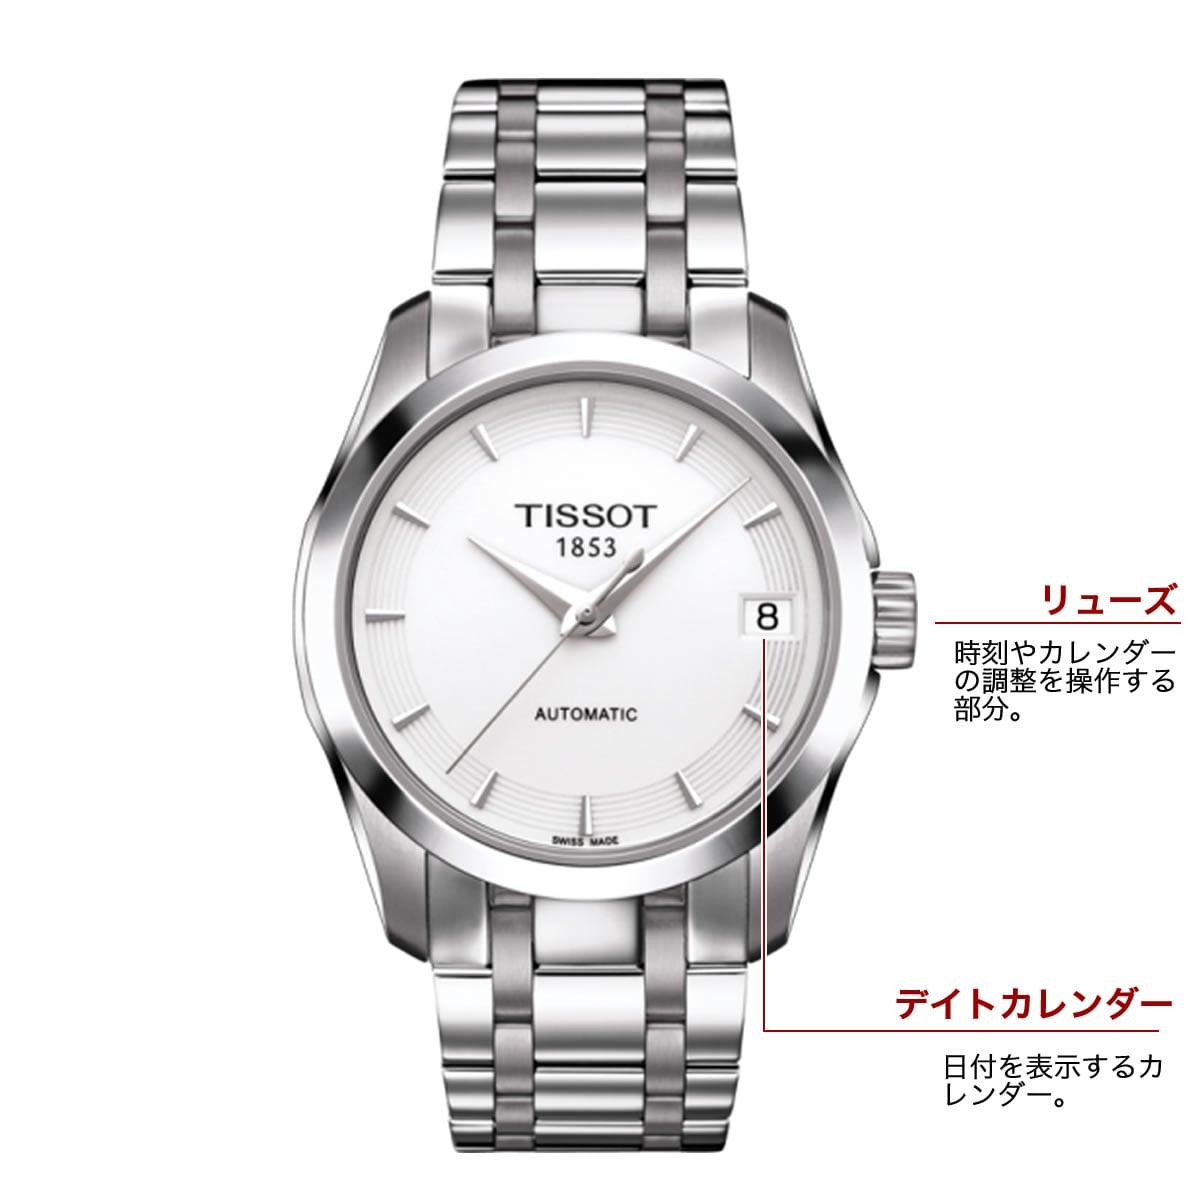 ティソ オートマティック 女性用腕時計t0352071101100